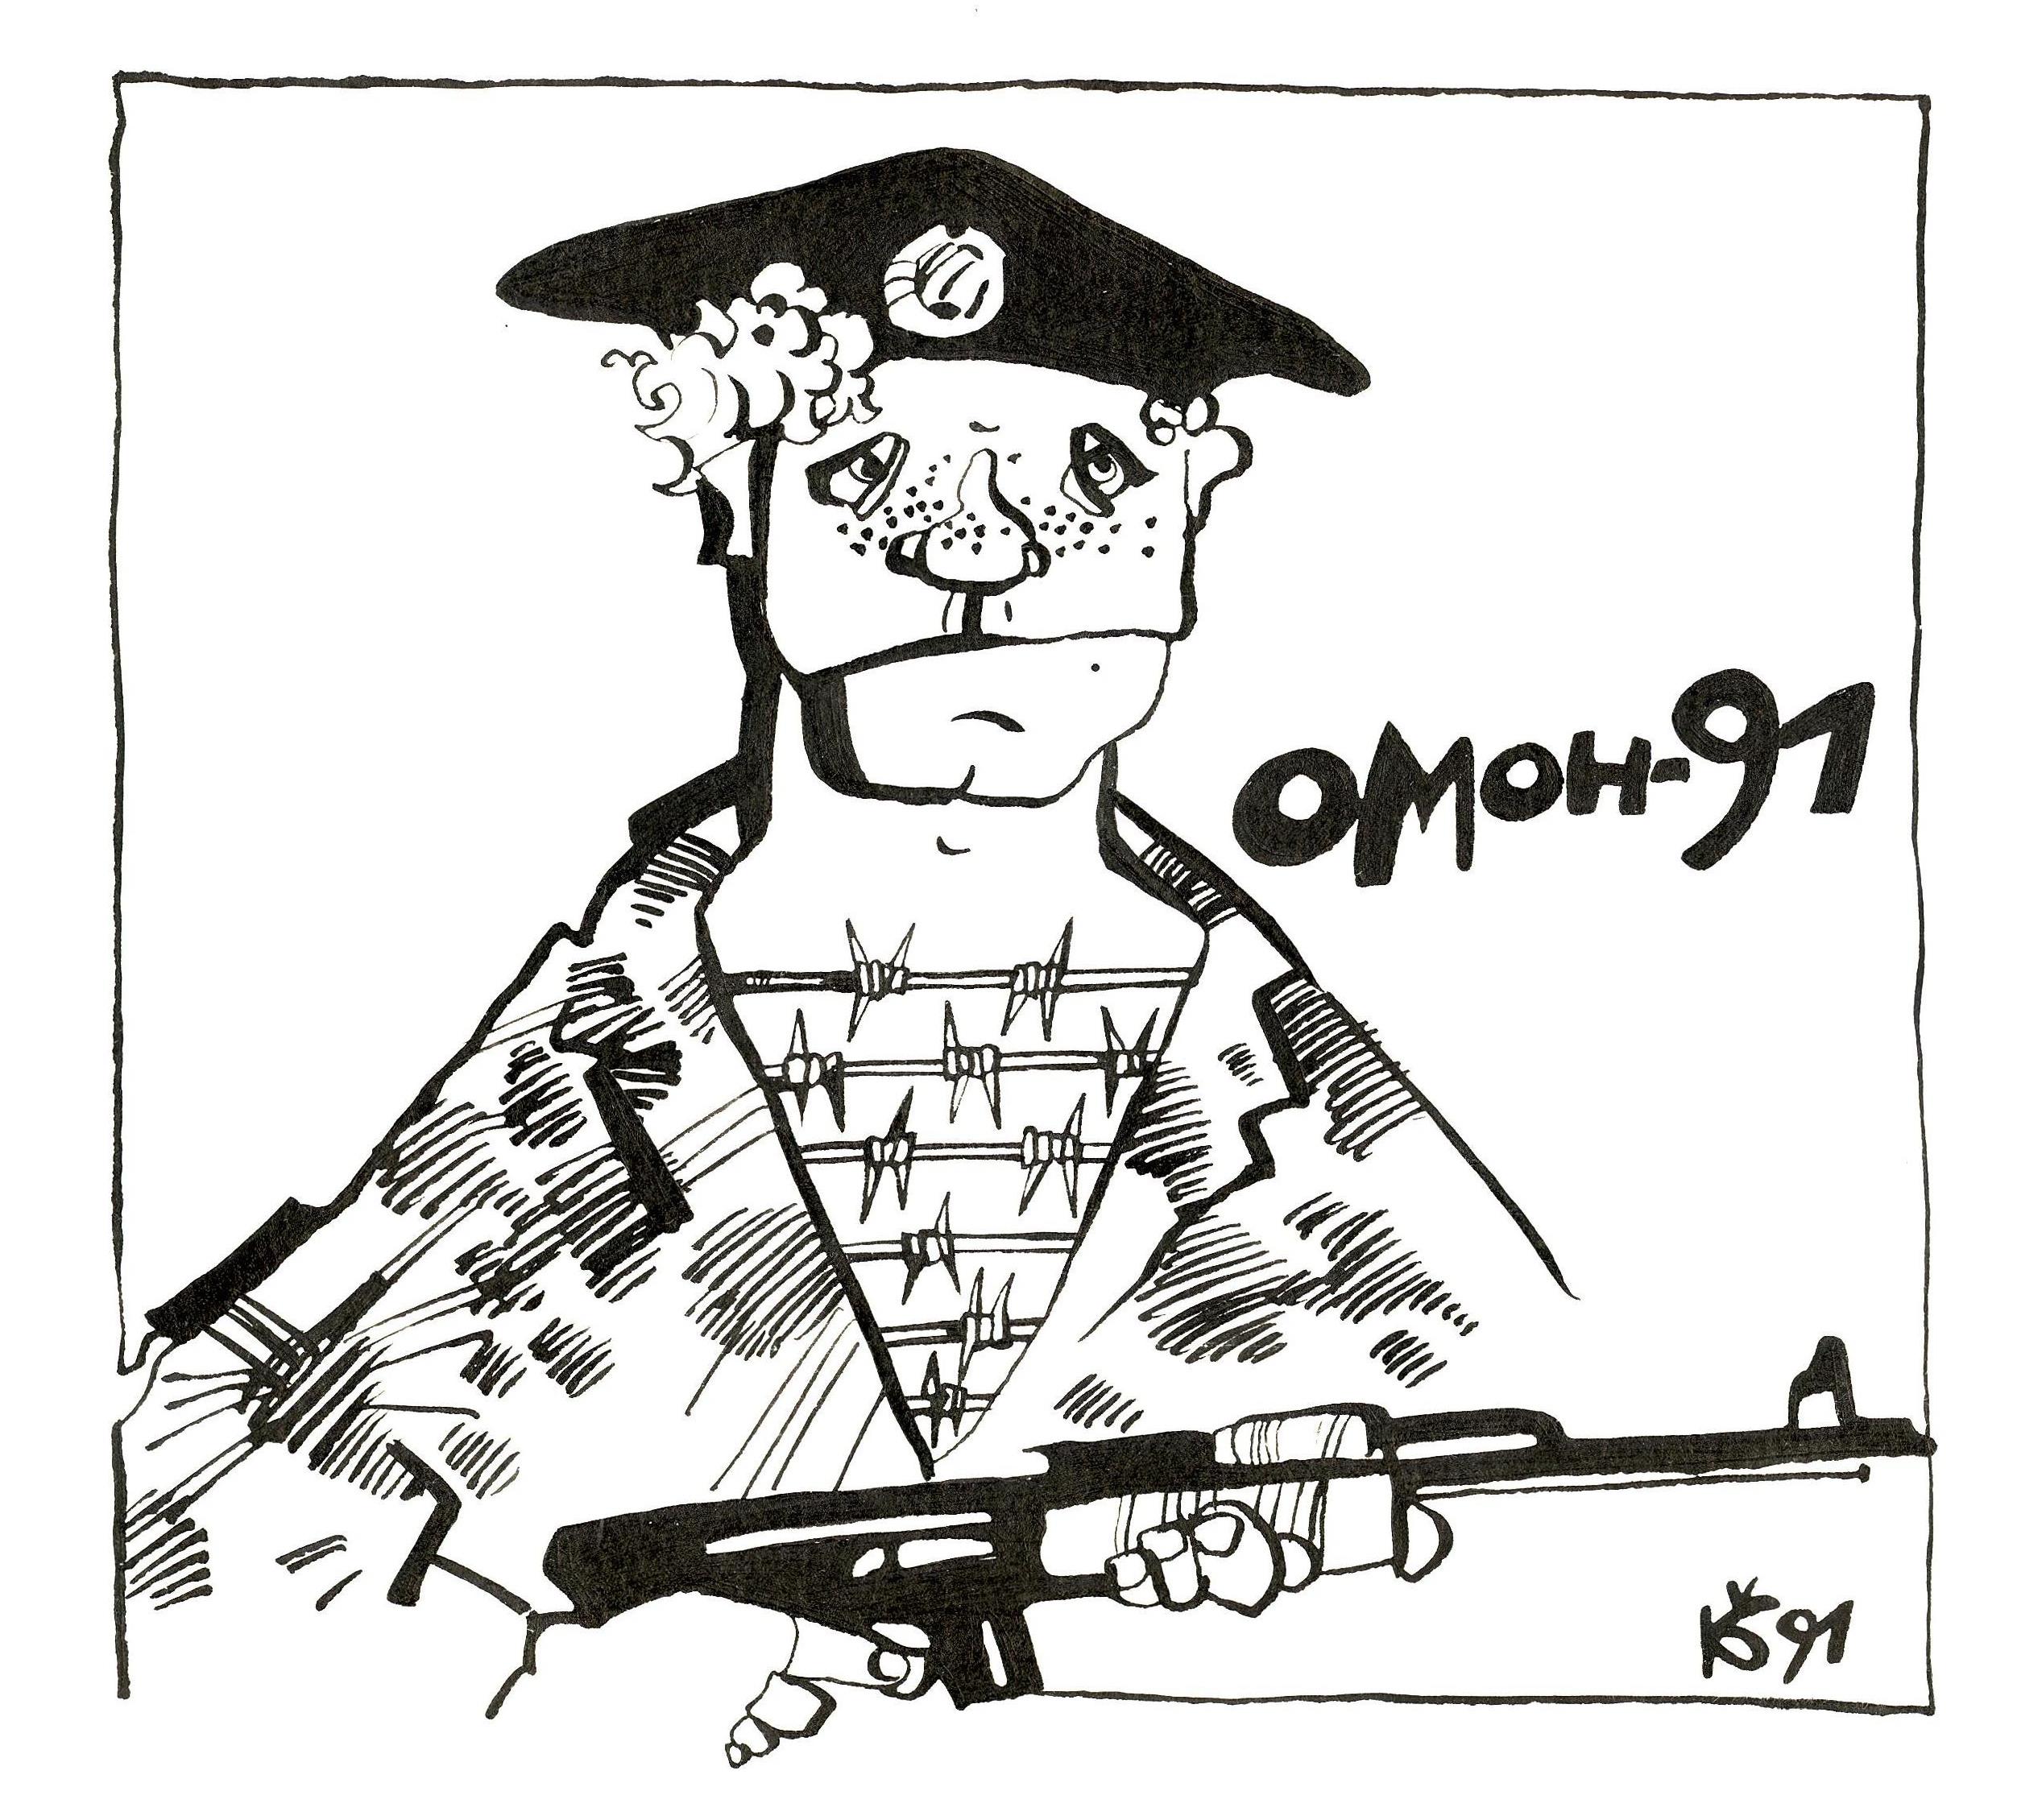 Omonas-91